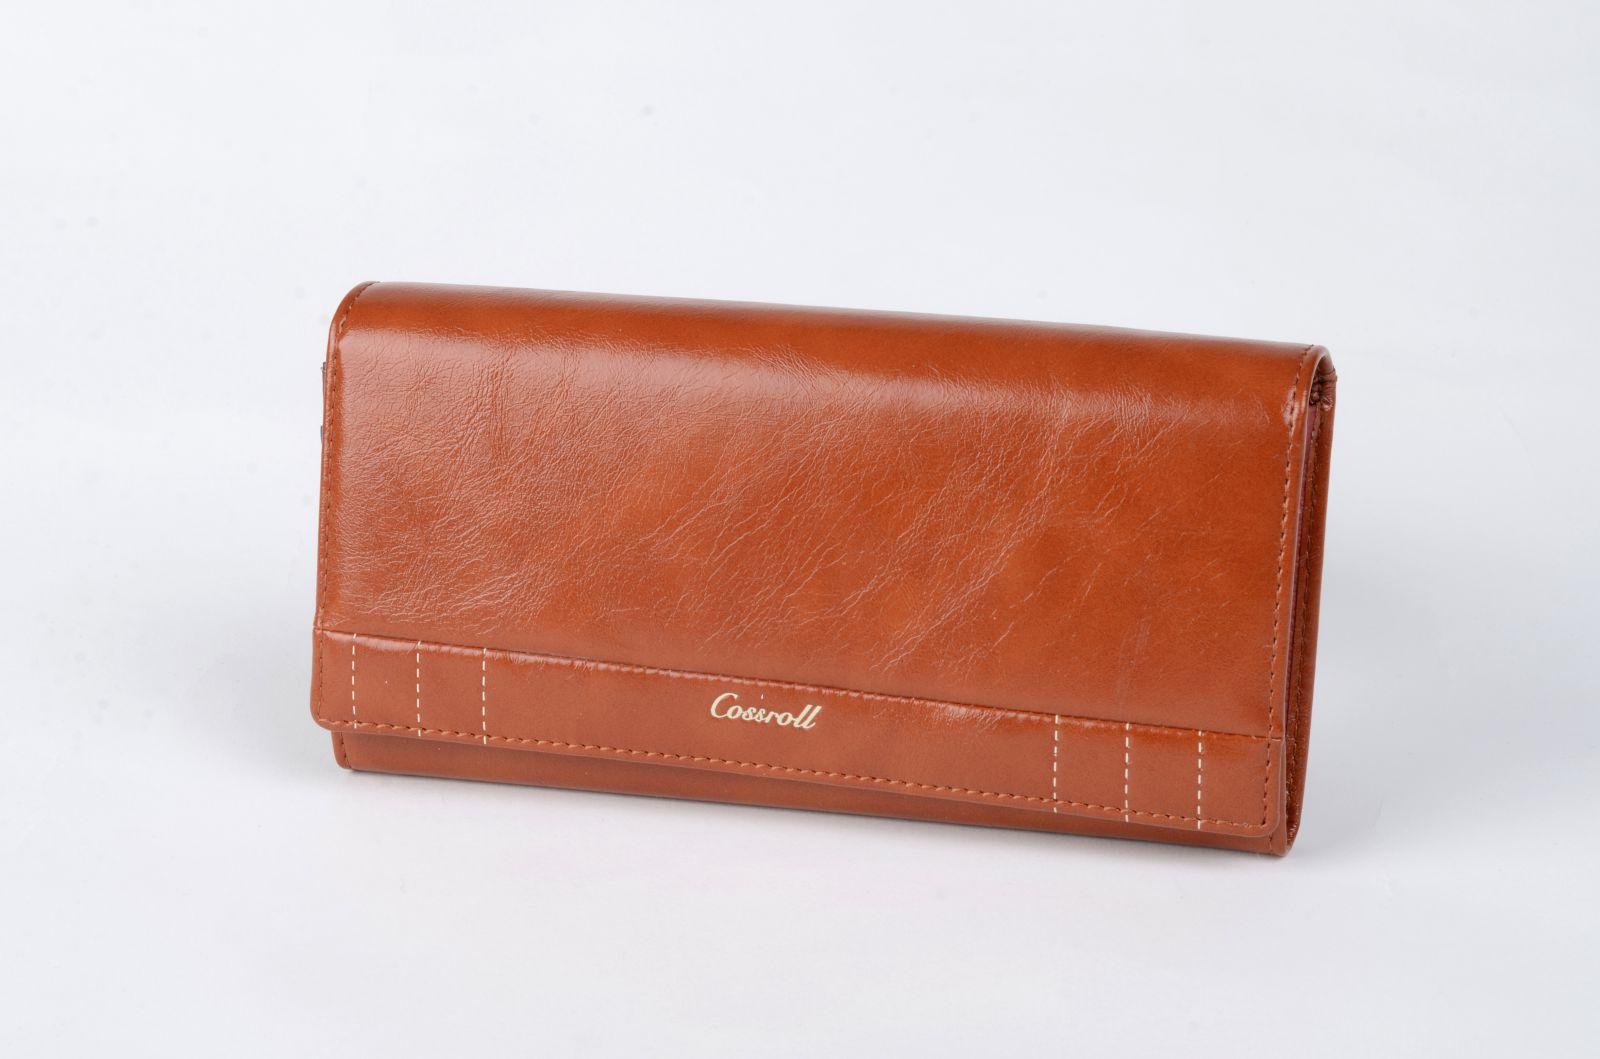 Dámská peněženka Cossroll hnědá CO5242F E-batoh